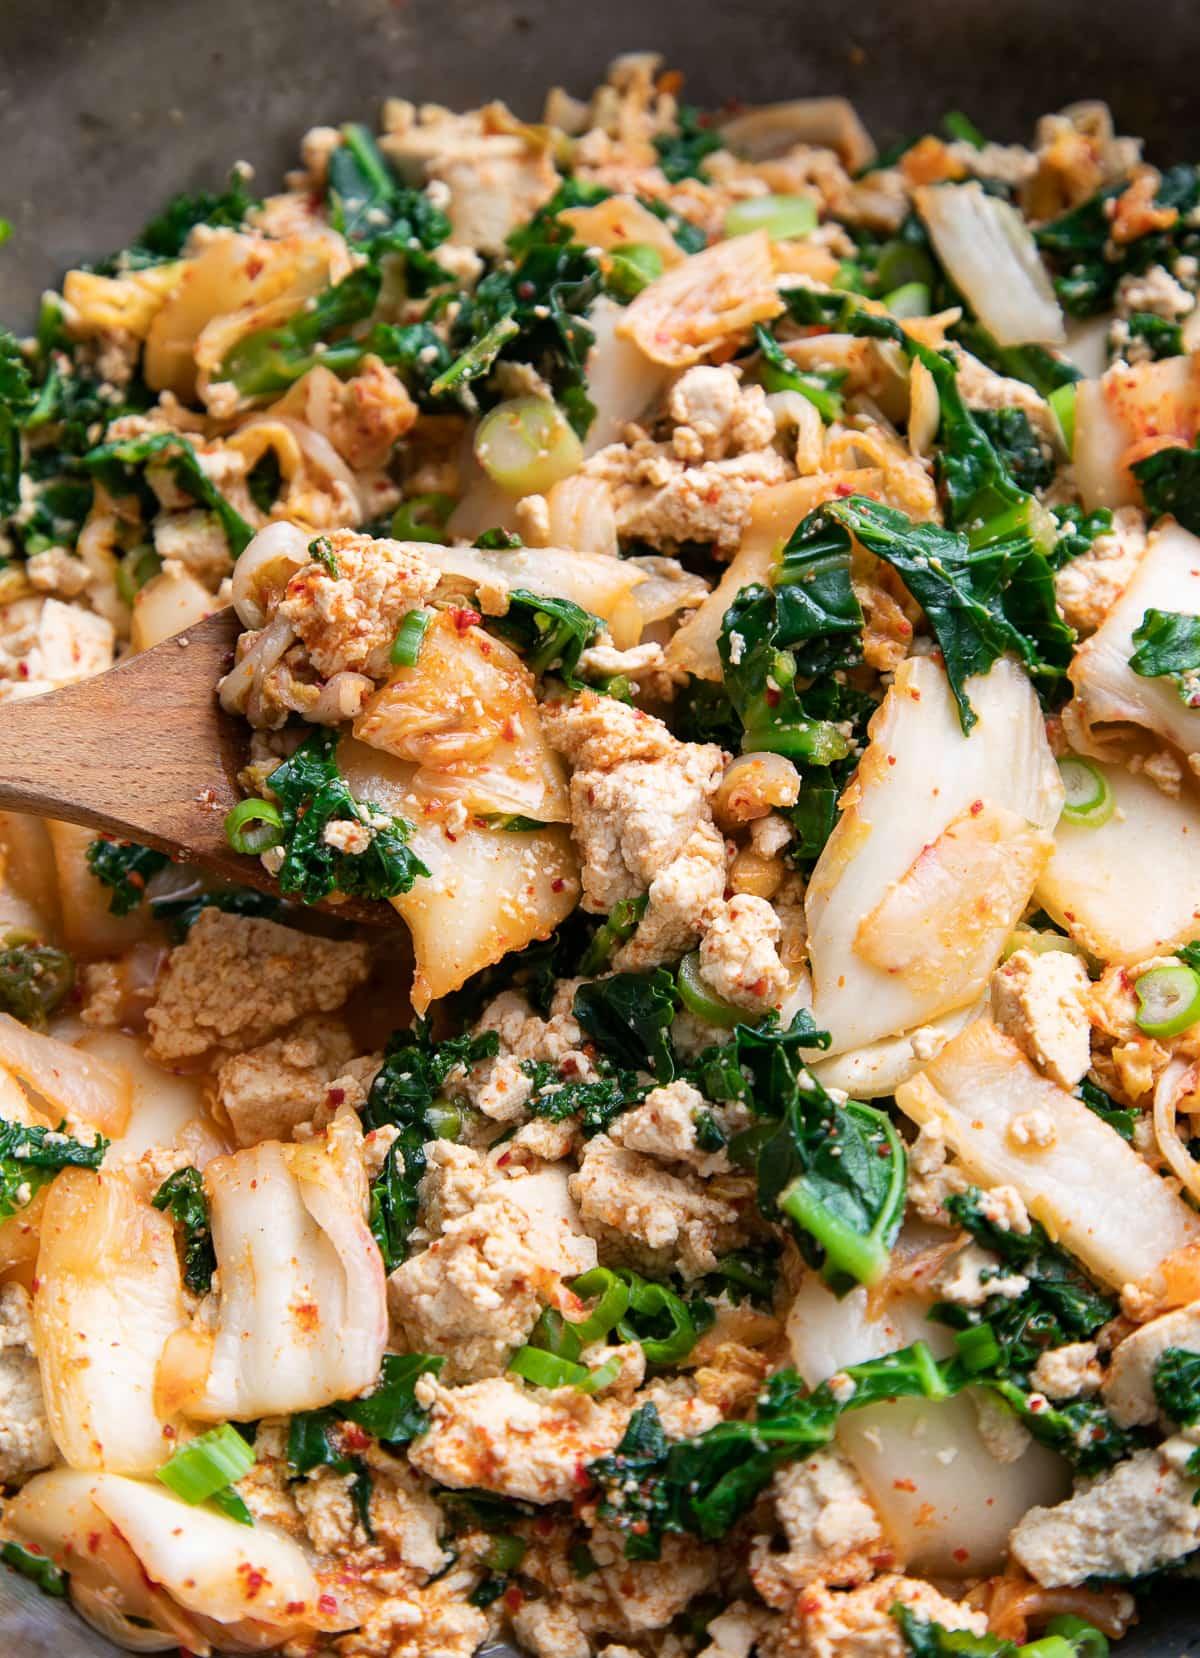 up close, side angle view of kimchi tofu scramble.